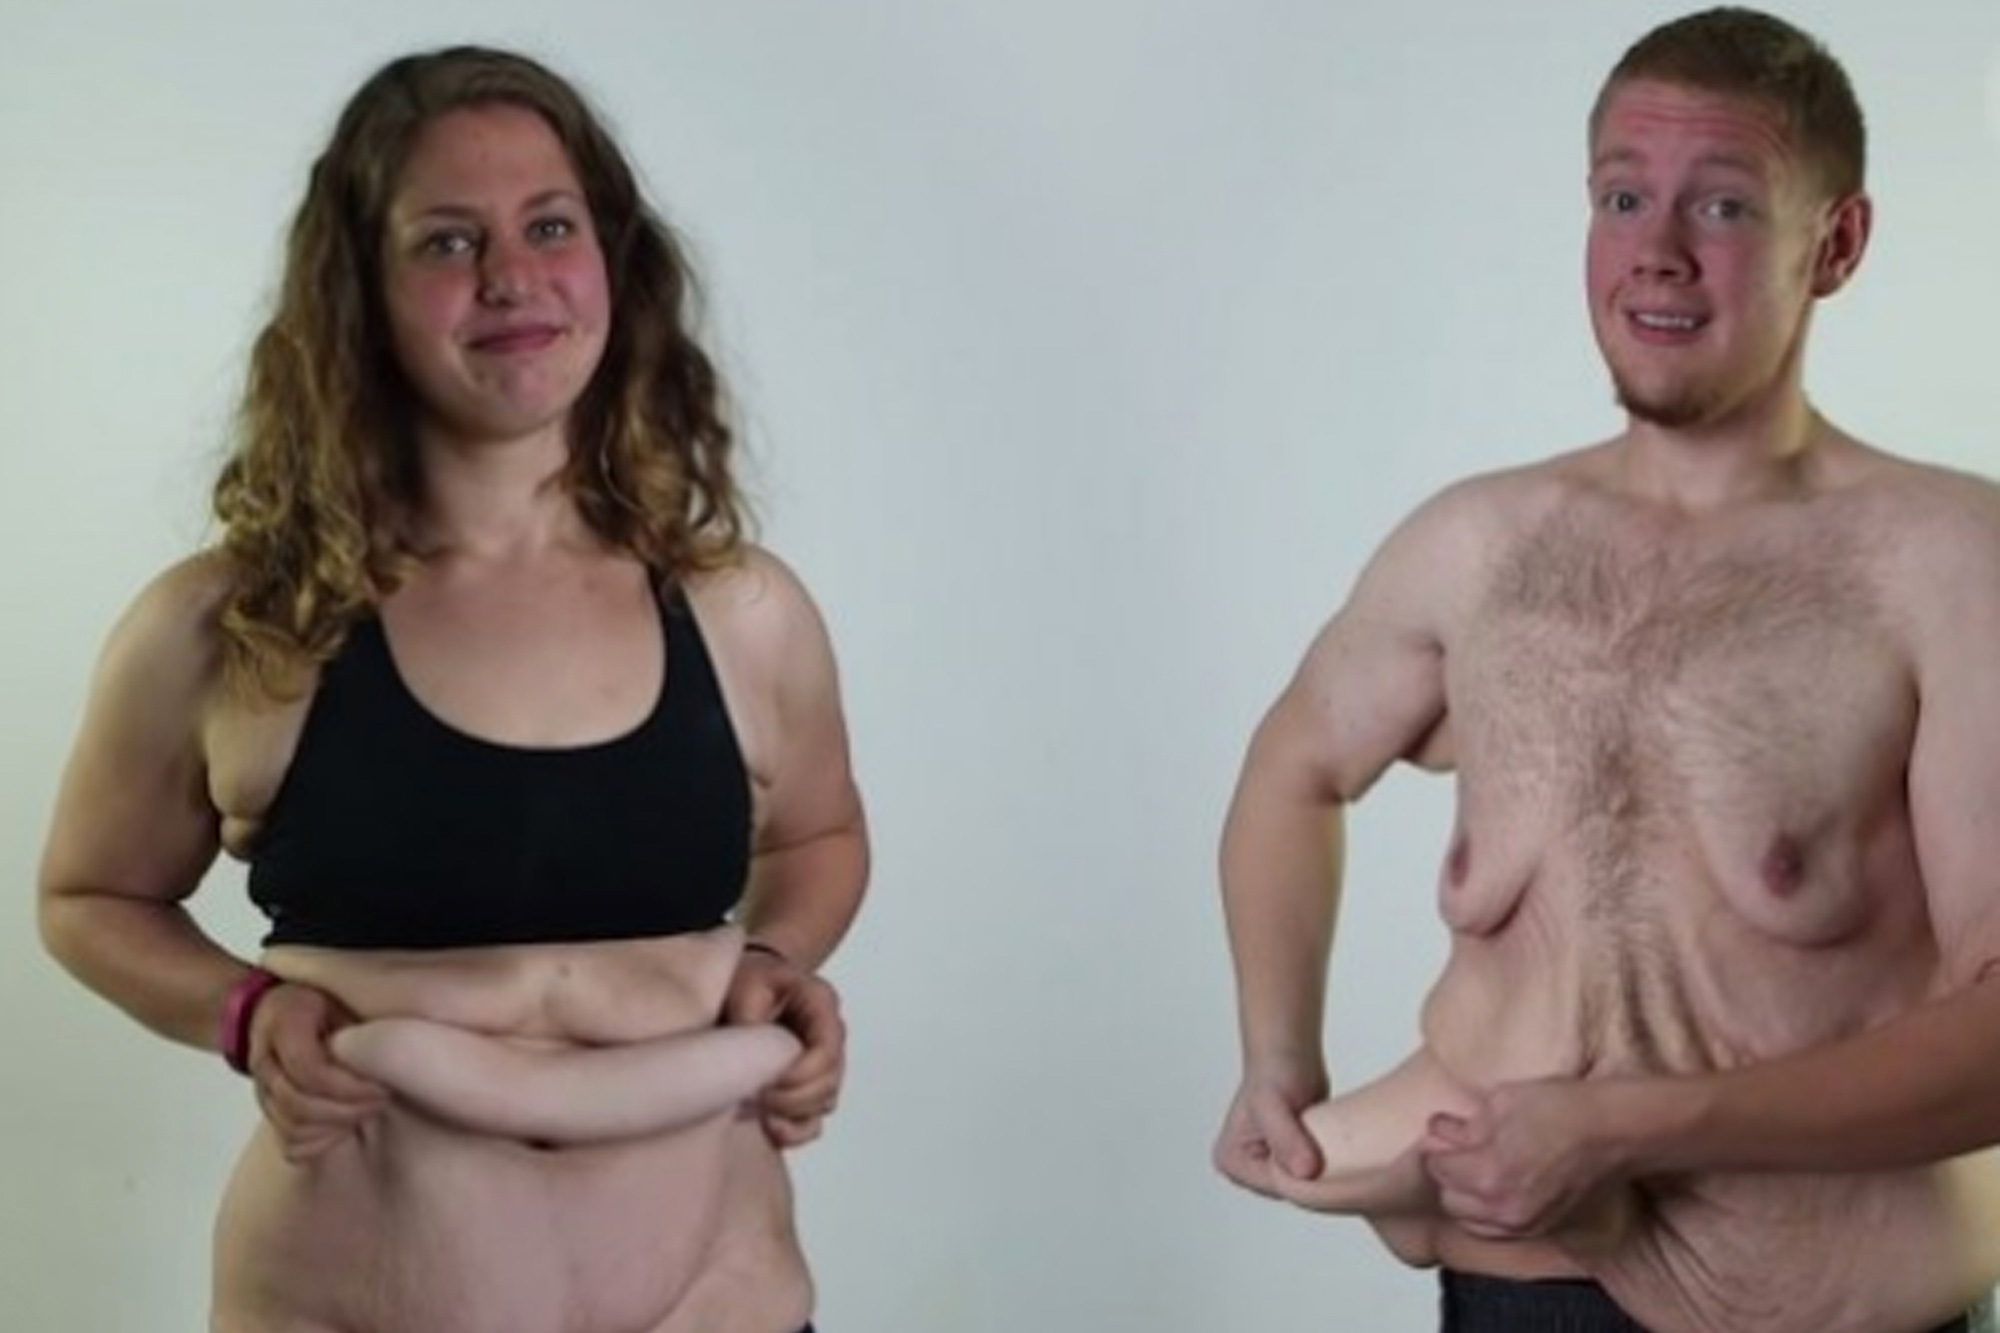 Болезни При Резком Похудении. Потеря веса